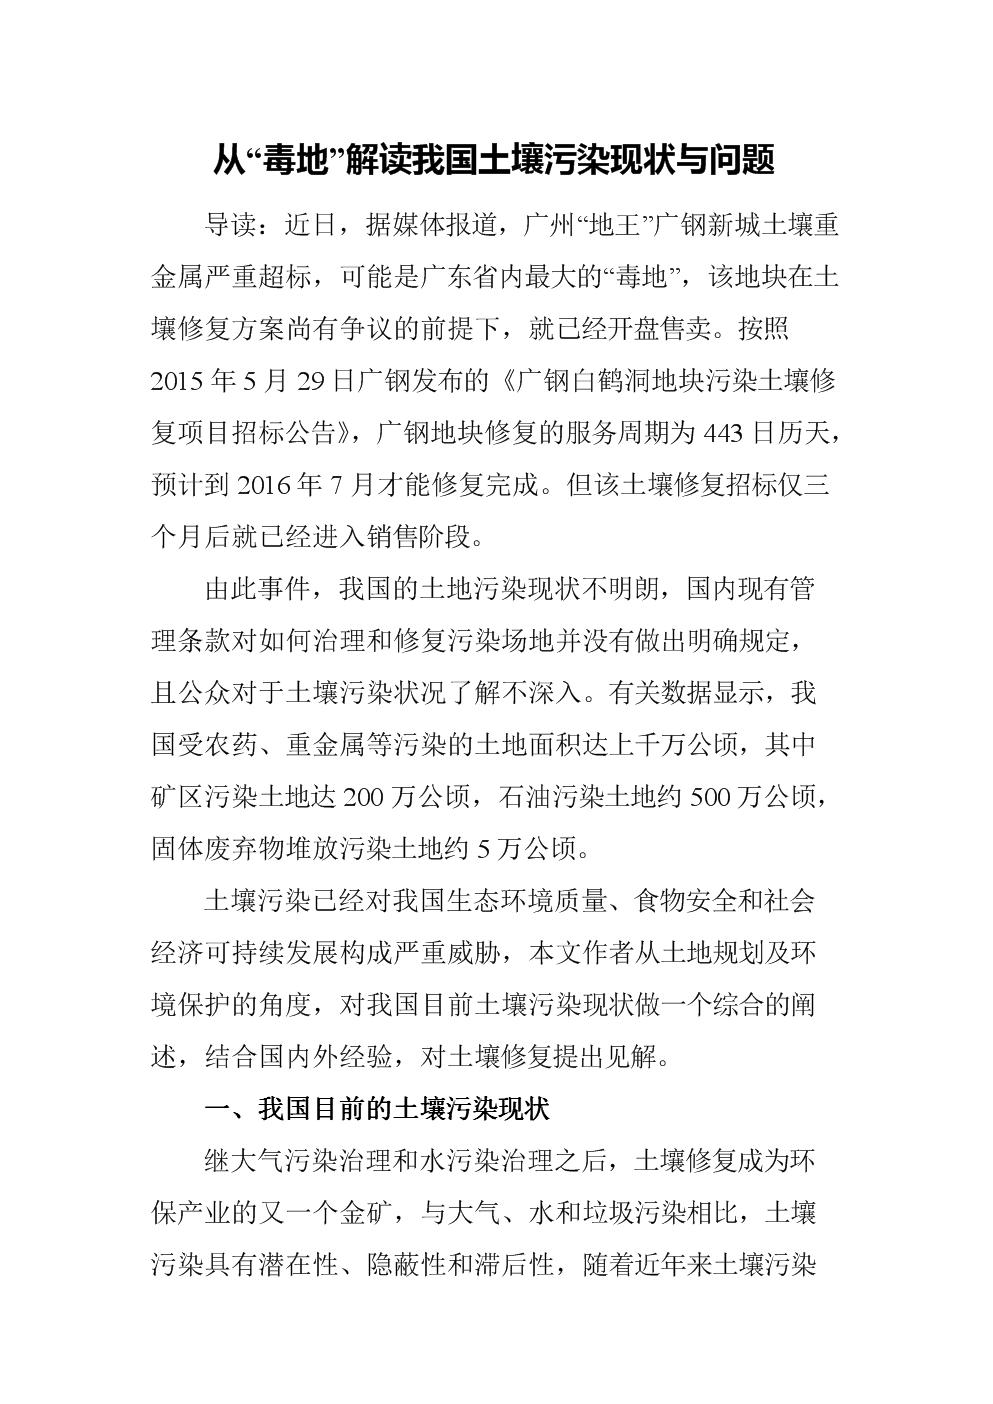 """从""""毒地""""解读我国土壤污染现状与问题修改版0525.docx"""